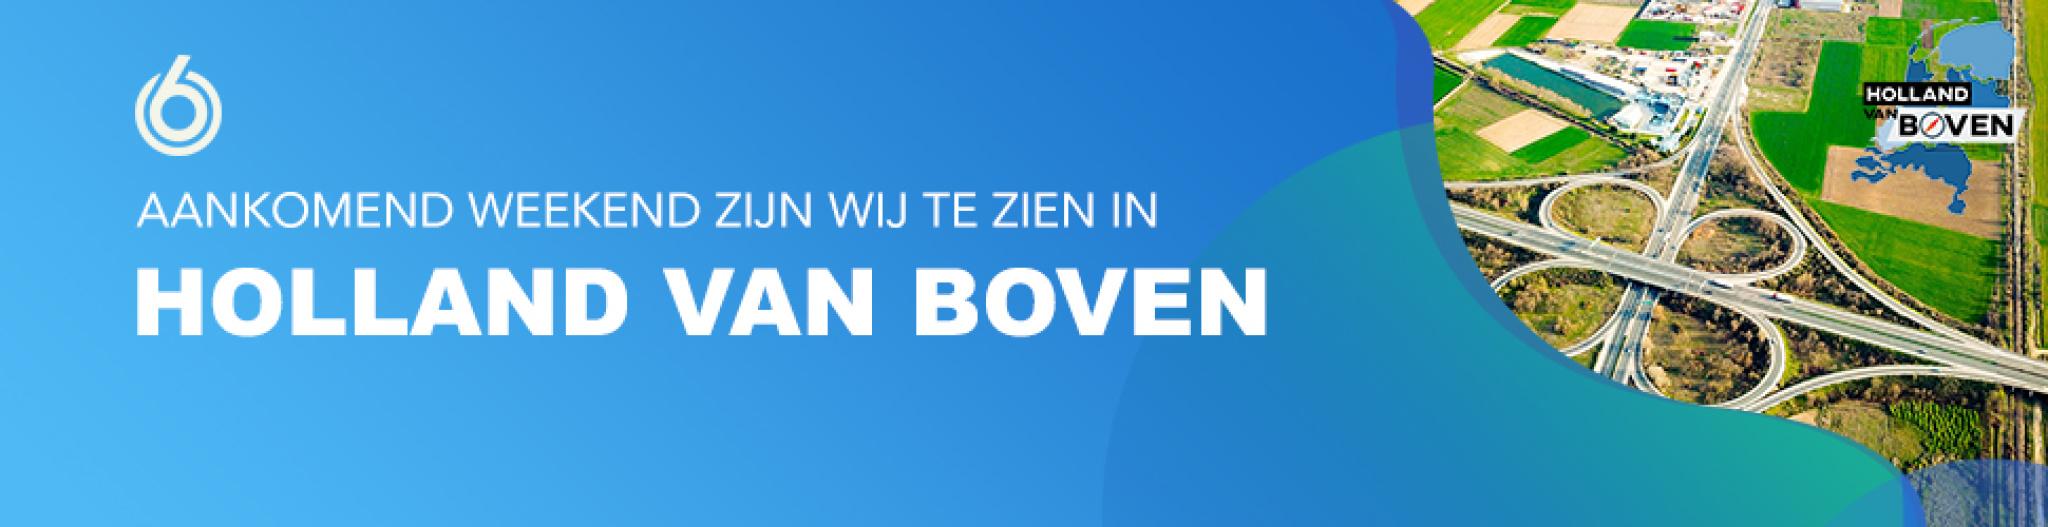 Wij zijn te zien bij Holland van Boven op SBS6-2020-08-10 10:58:52